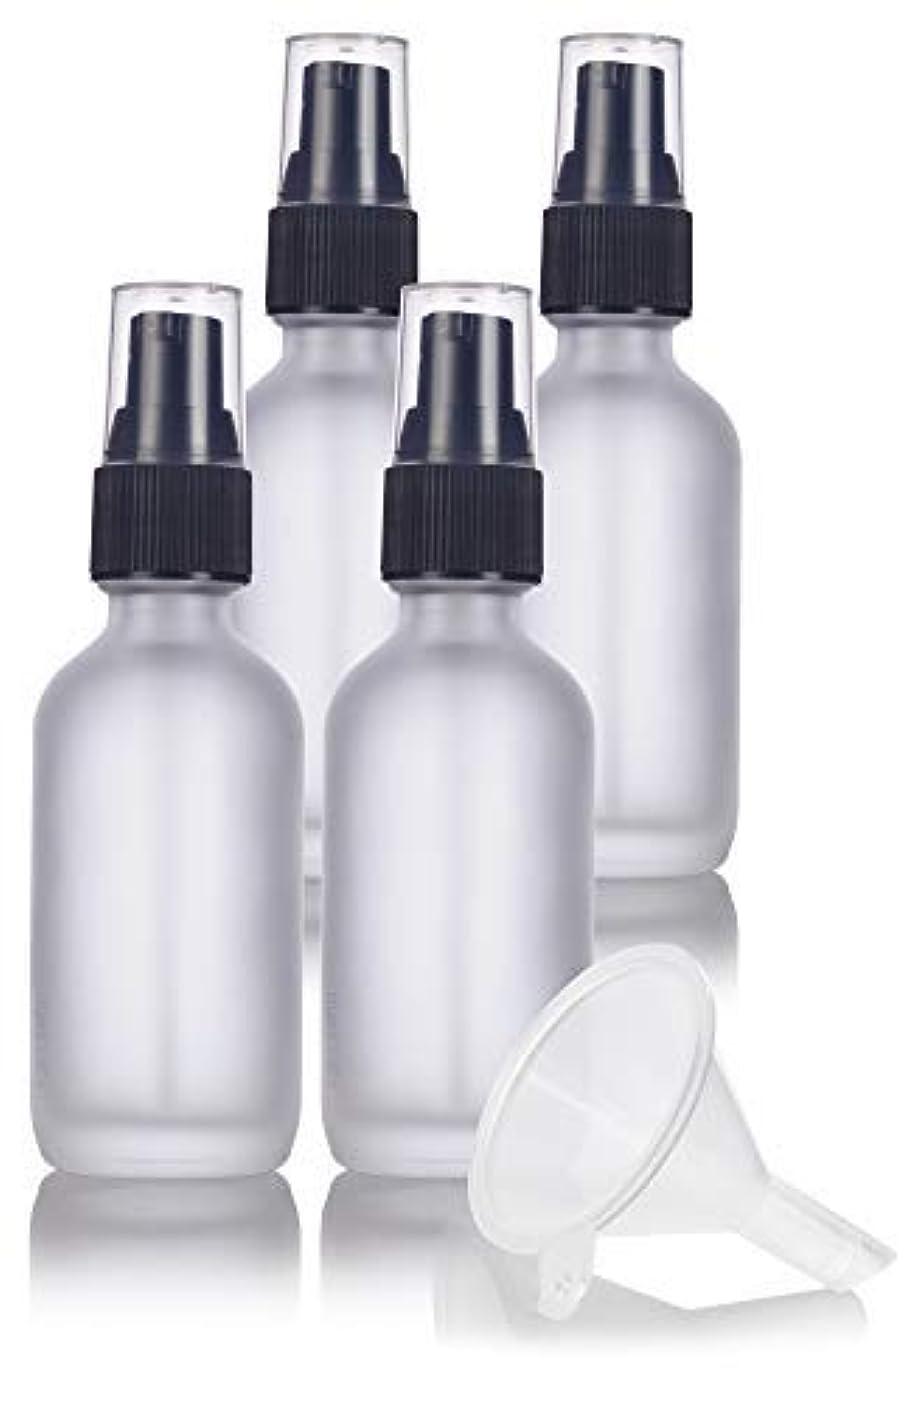 別の抑圧者ヒギンズ2 oz Frosted Clear Glass Boston Round Treatment Pump Bottle (4 pack) + Funnel and Labels for cosmetics, serums...